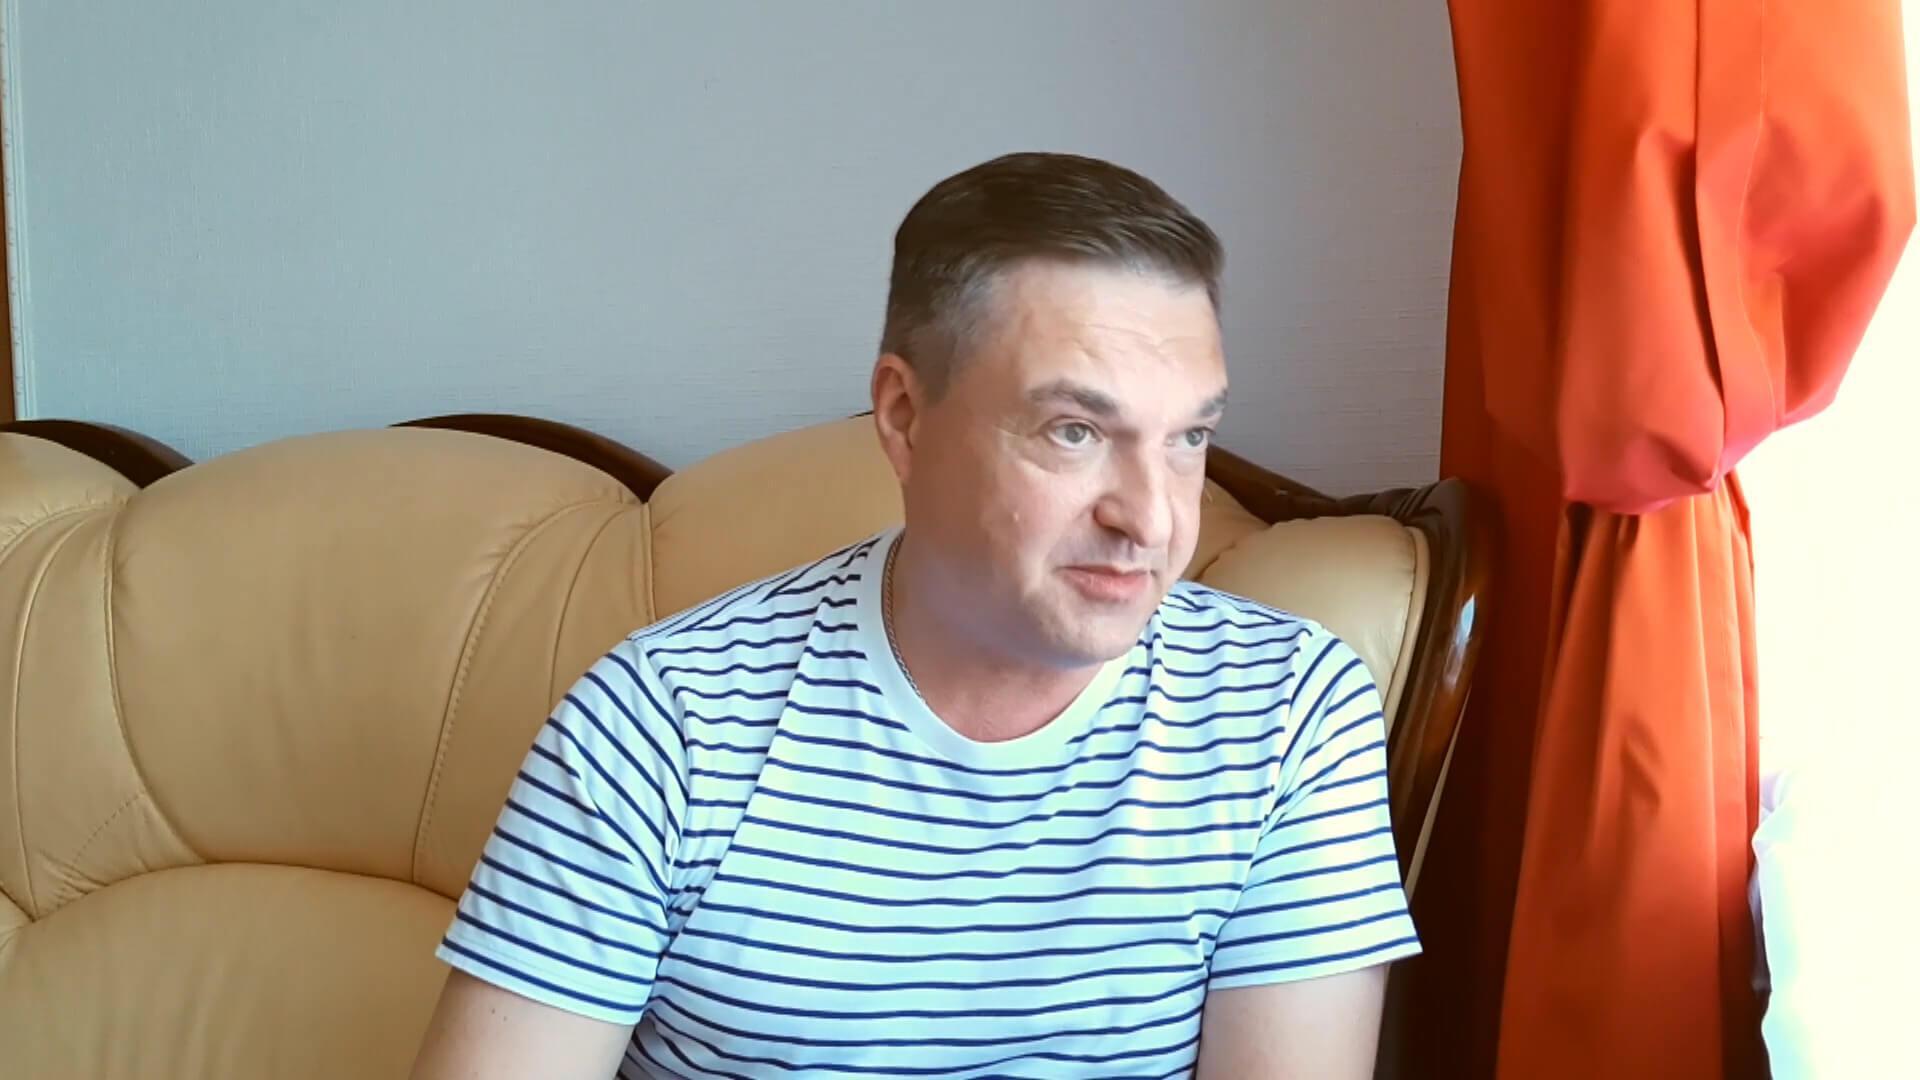 Актер и режиссер Руслан Банковский: я знаю, чего хочет кубанская публика